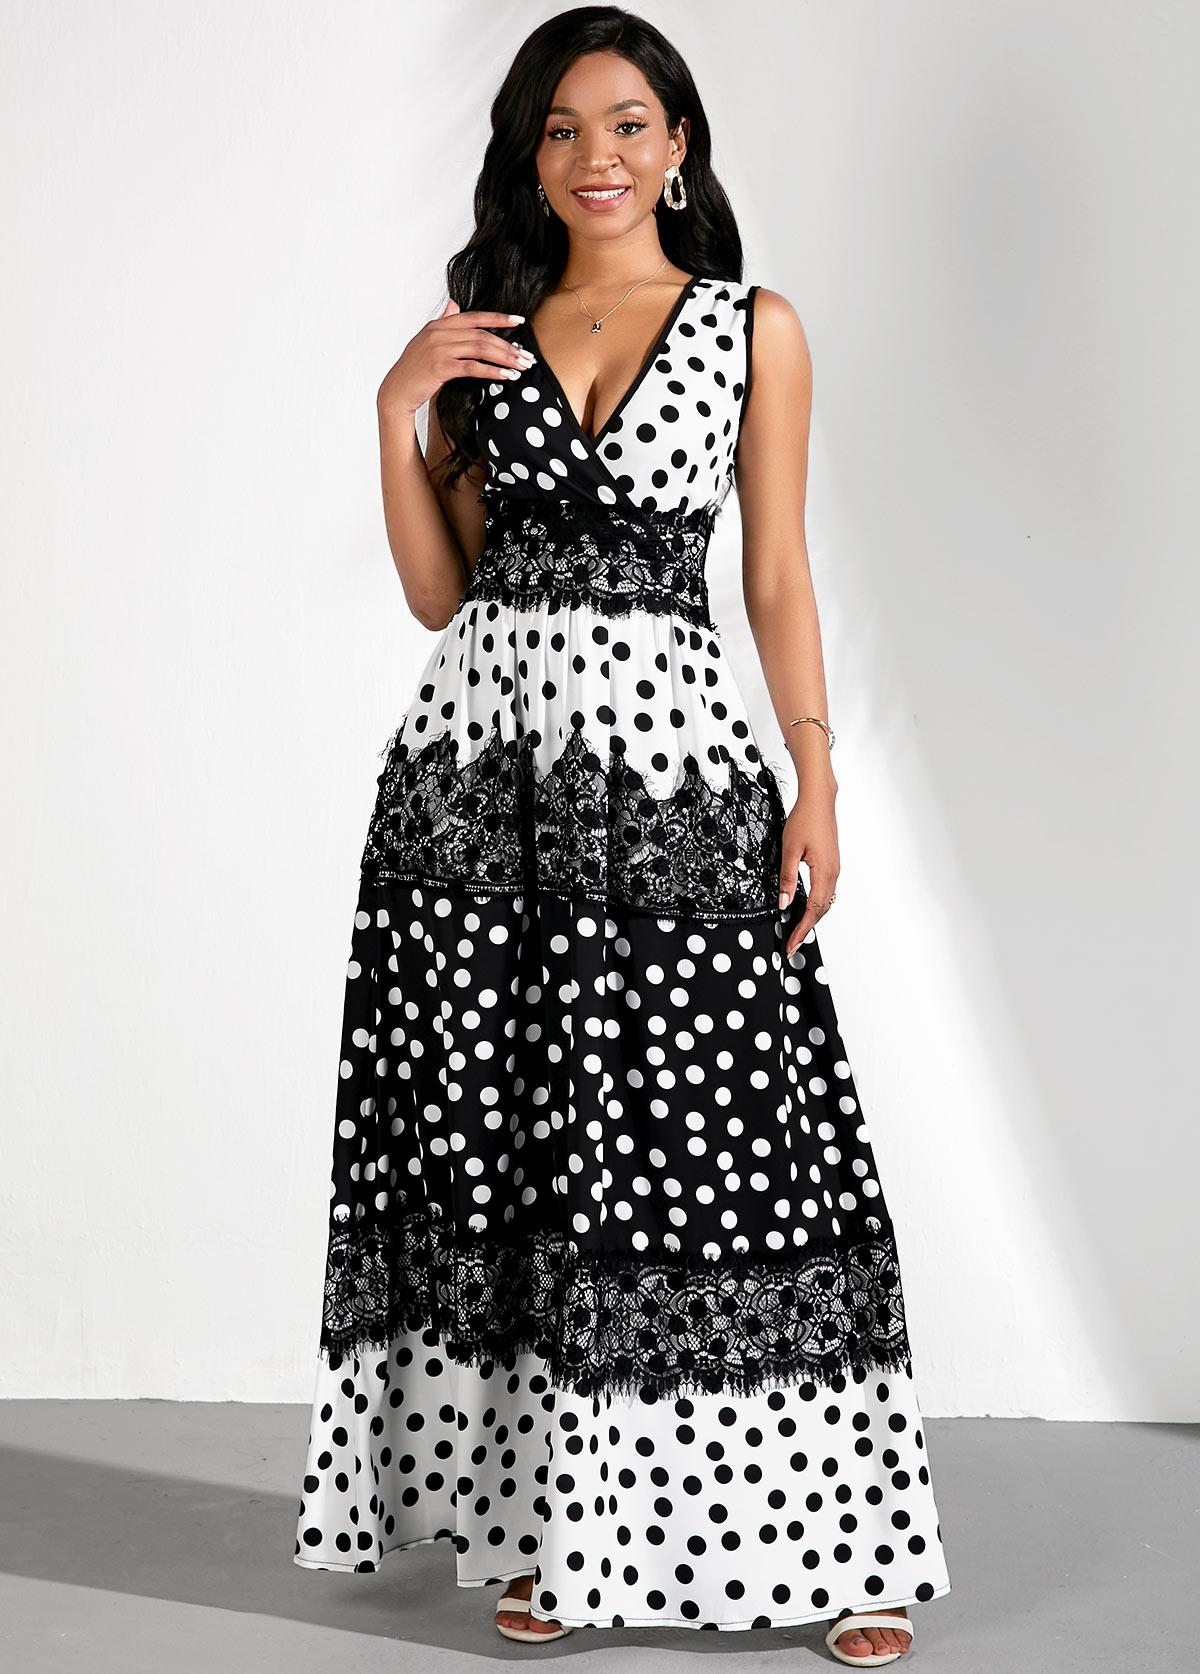 ROTITA Color Block Polka Dots Lace Panel Dress